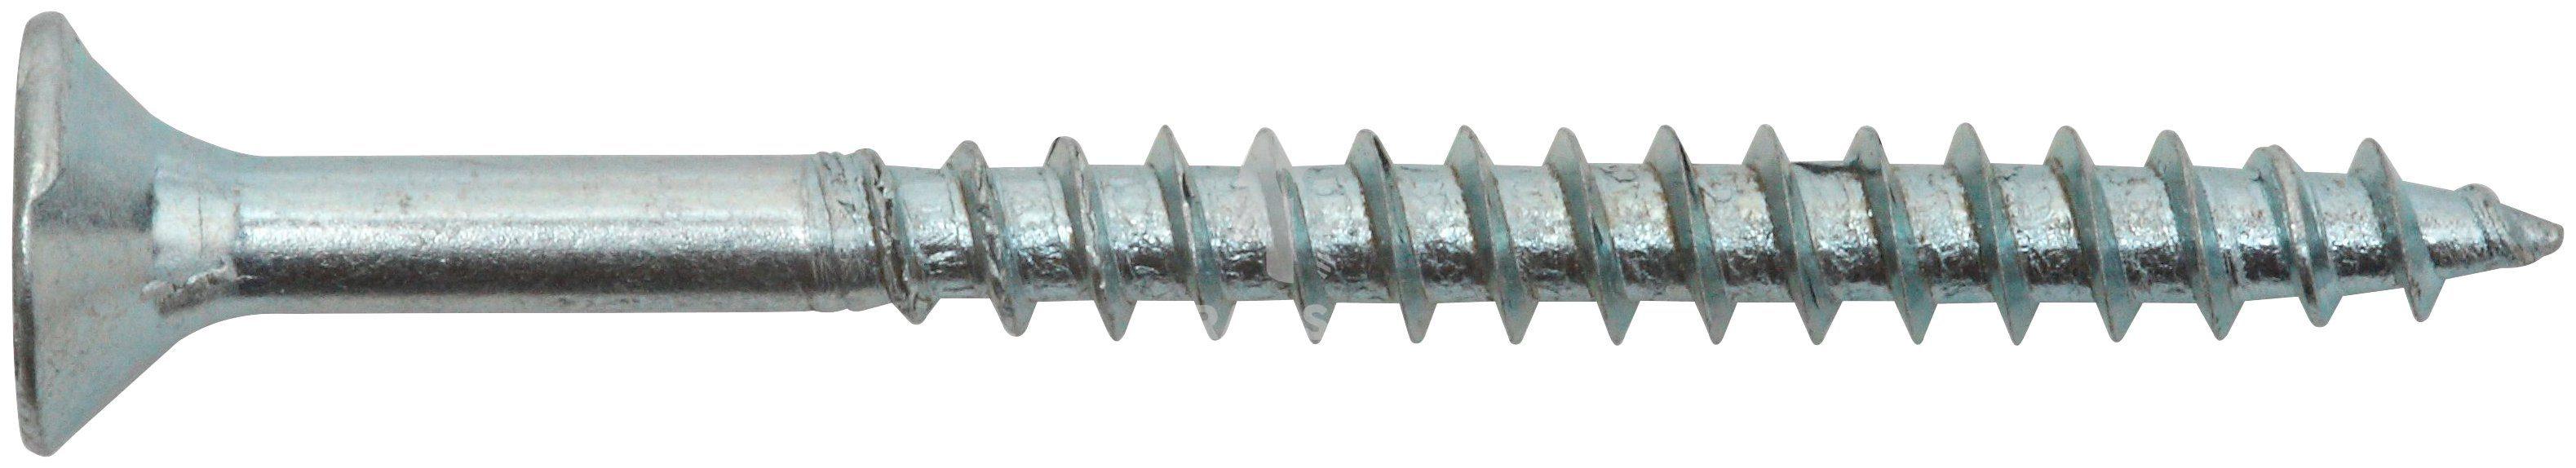 RAMSES Schrauben , Spanplattenschraube 6 x 140 mm PZ3 50 Stk.